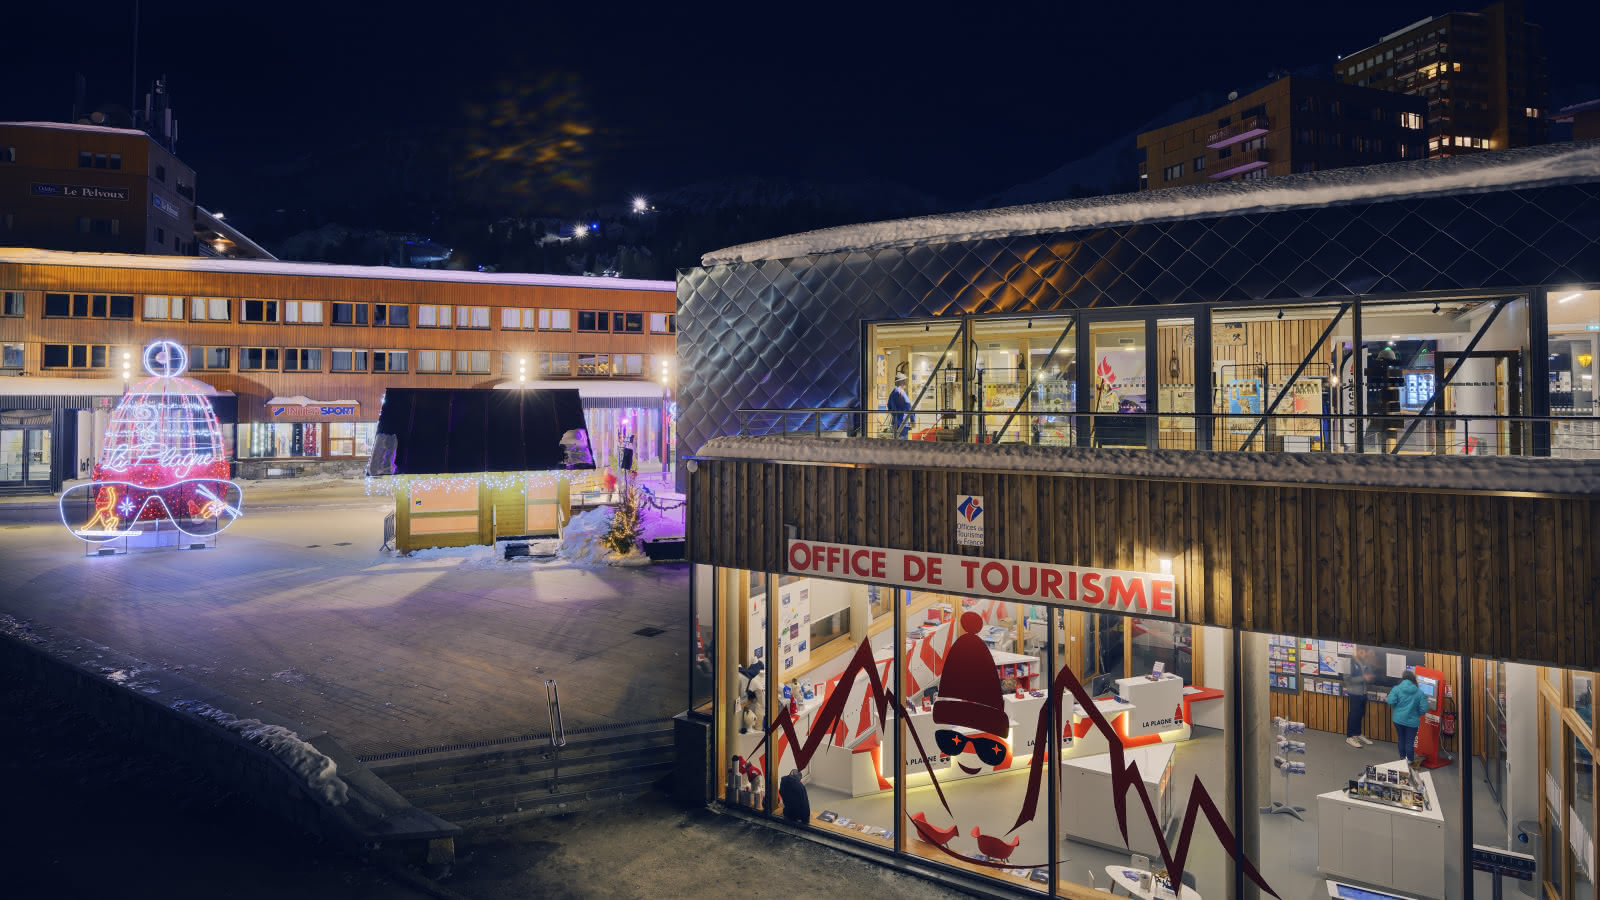 Extérieur Office de Tourisme de Plagne Centre